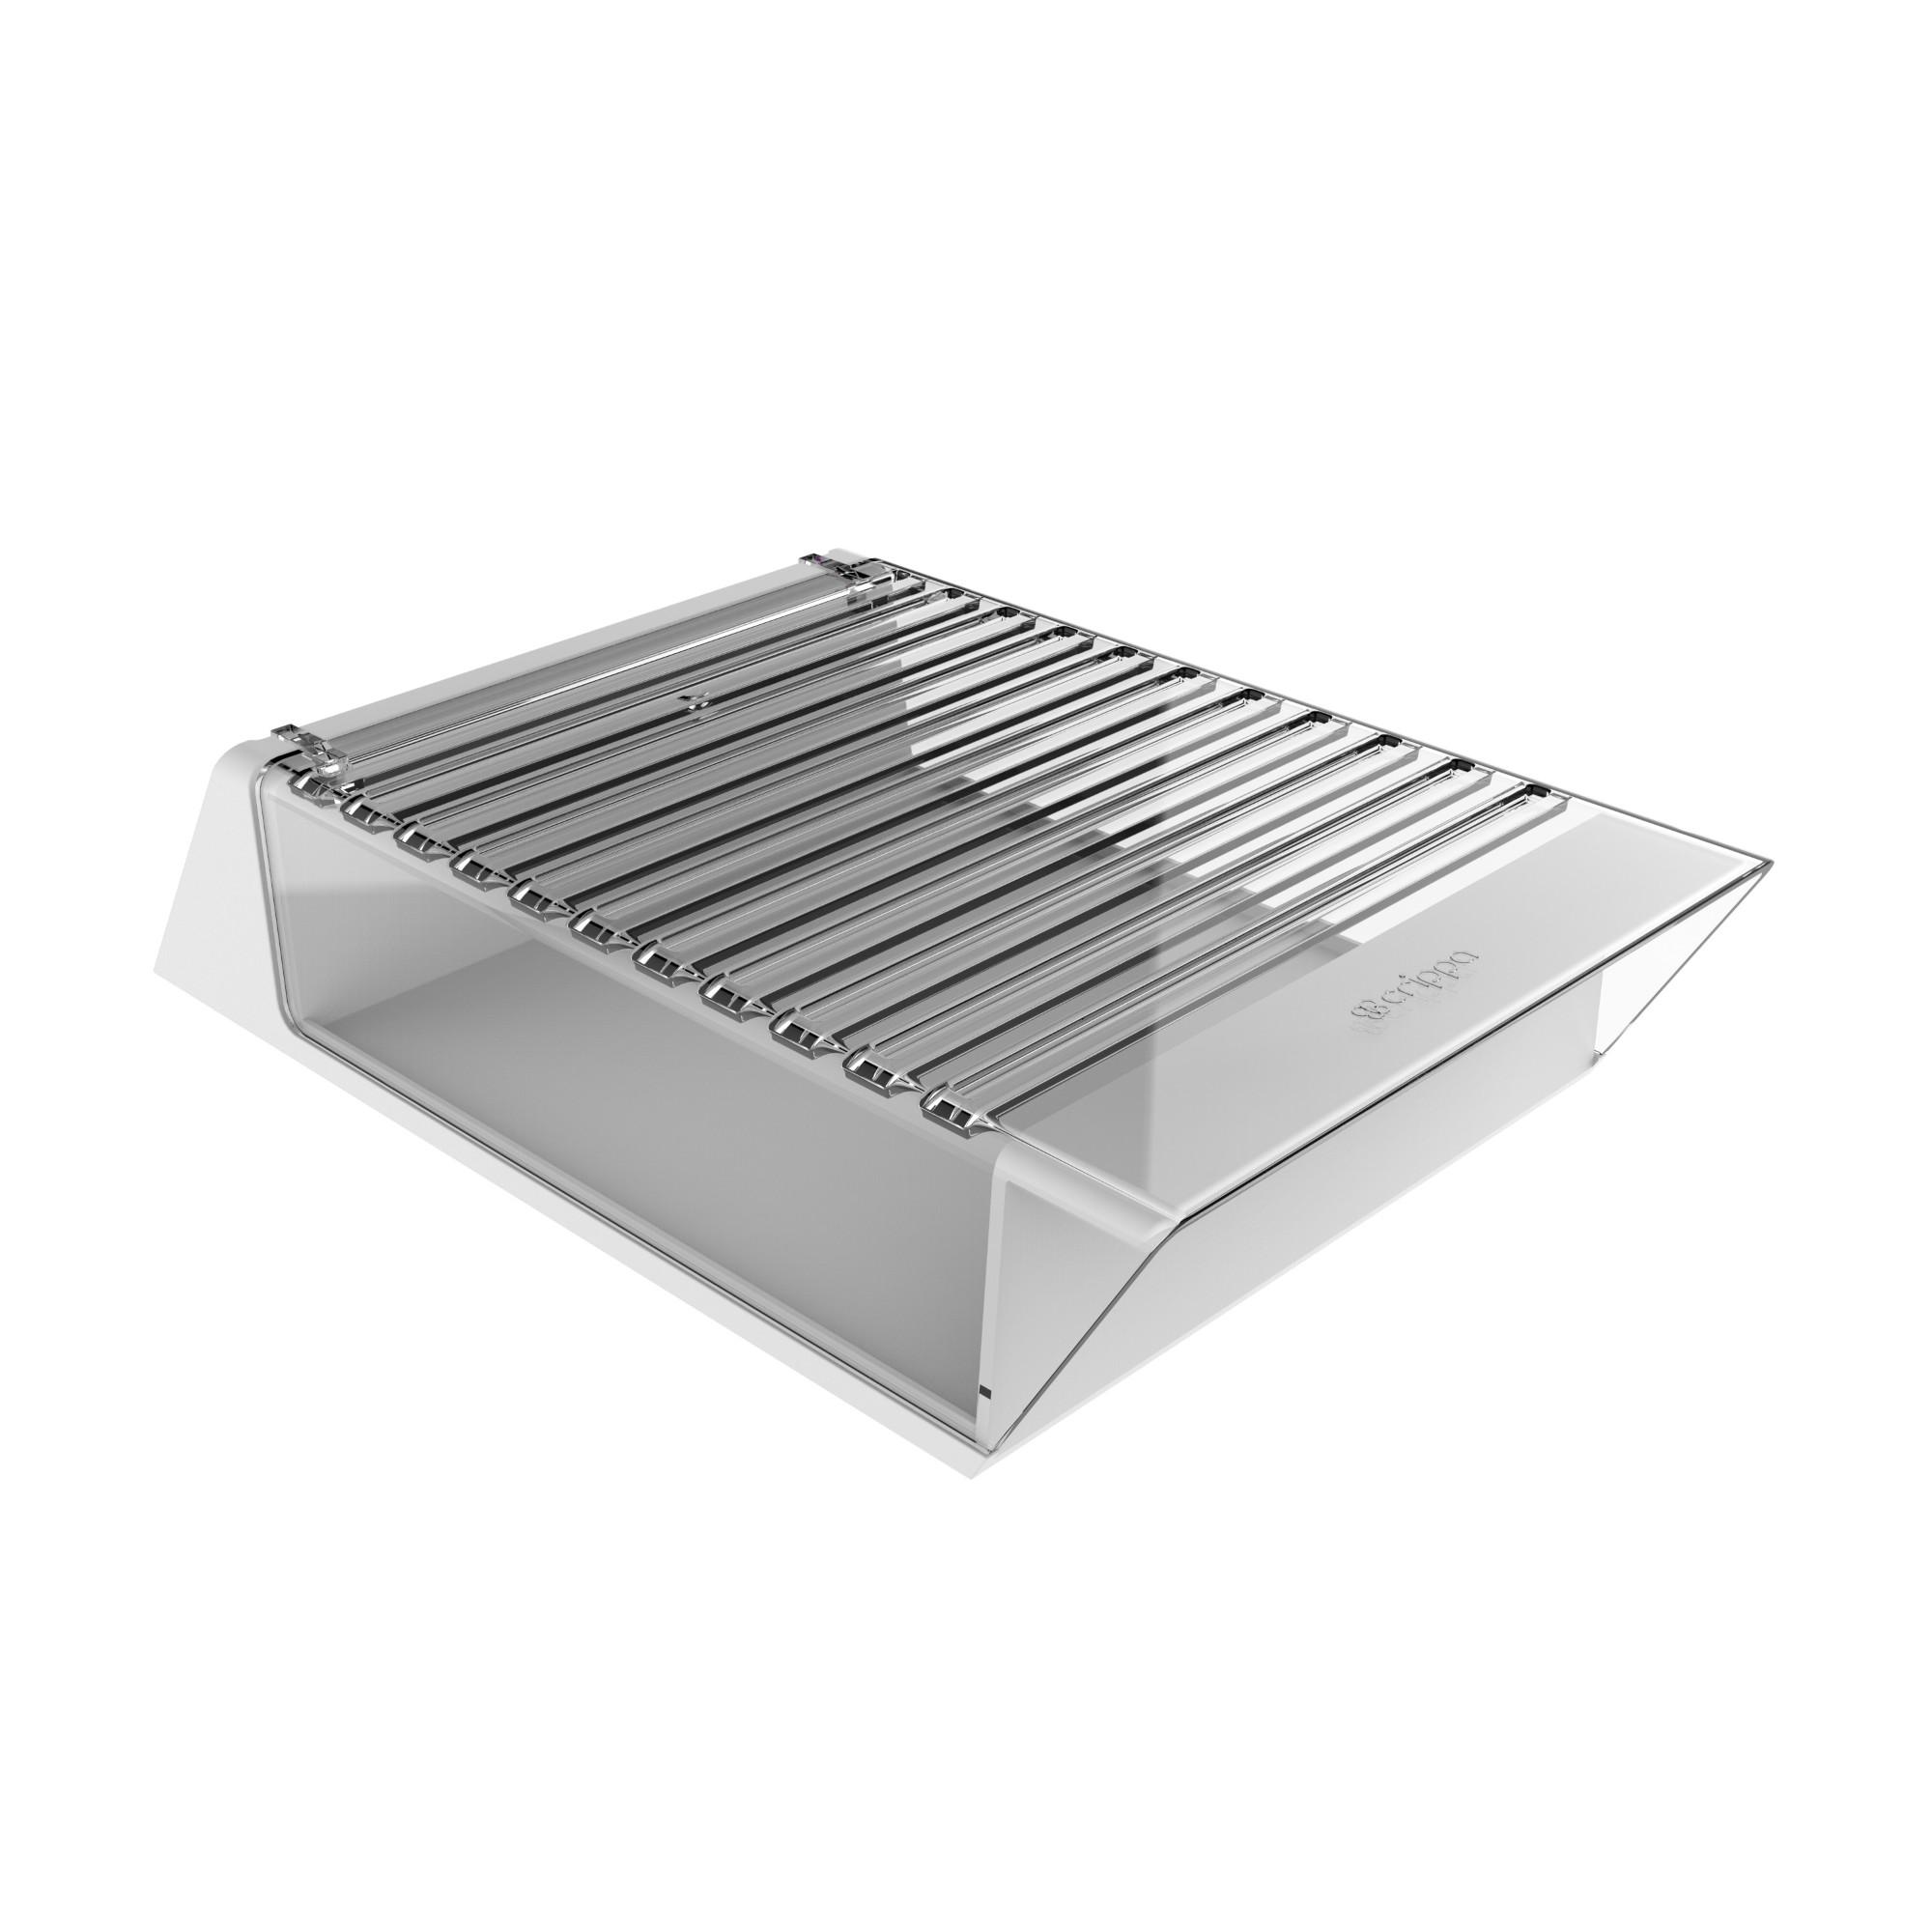 Porta-frios de Plastico com Tampa 23x14cm - Crippa